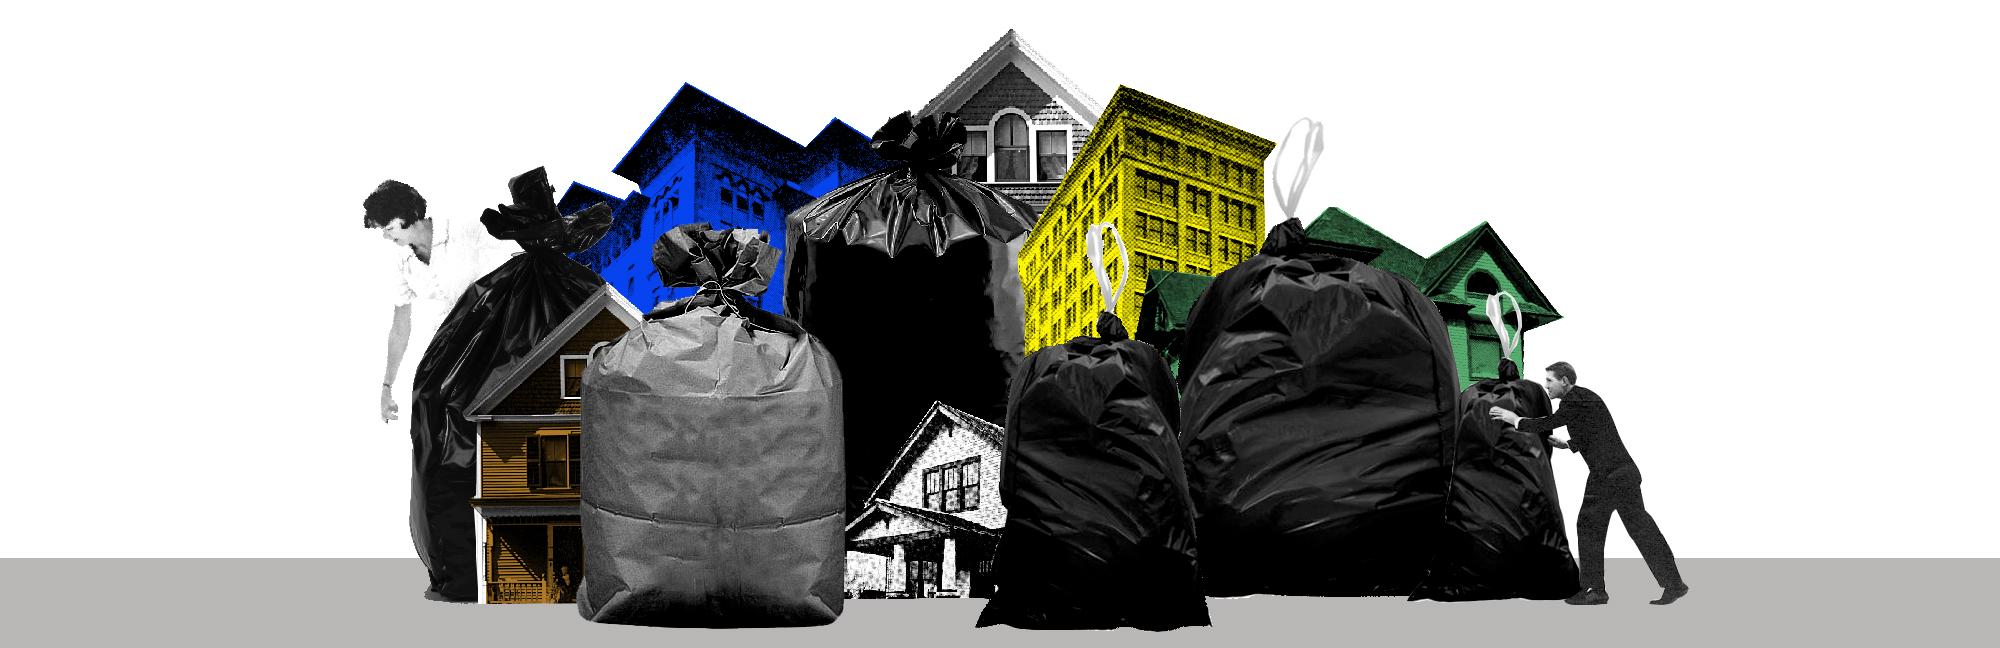 Segur que saps reciclar? Posa't a prova!